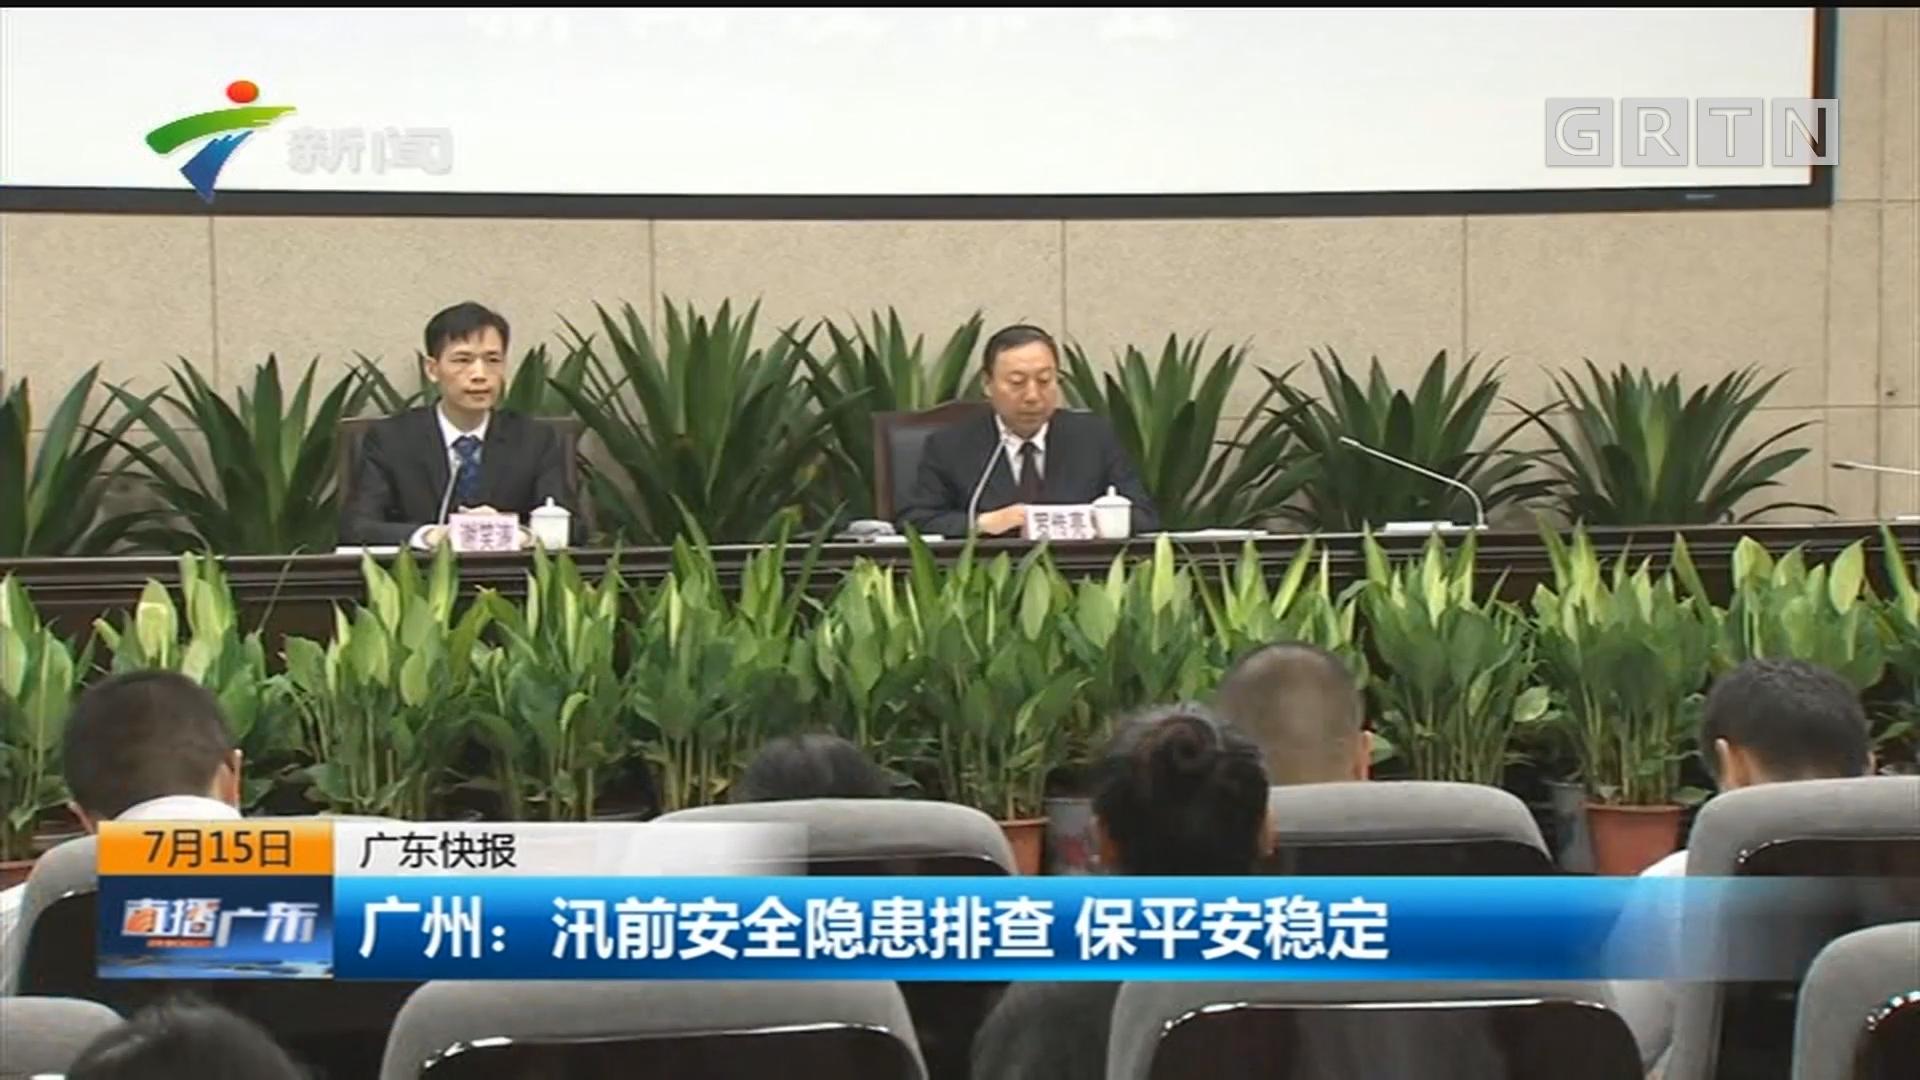 广州:汛前安全隐患排查 保平安稳定